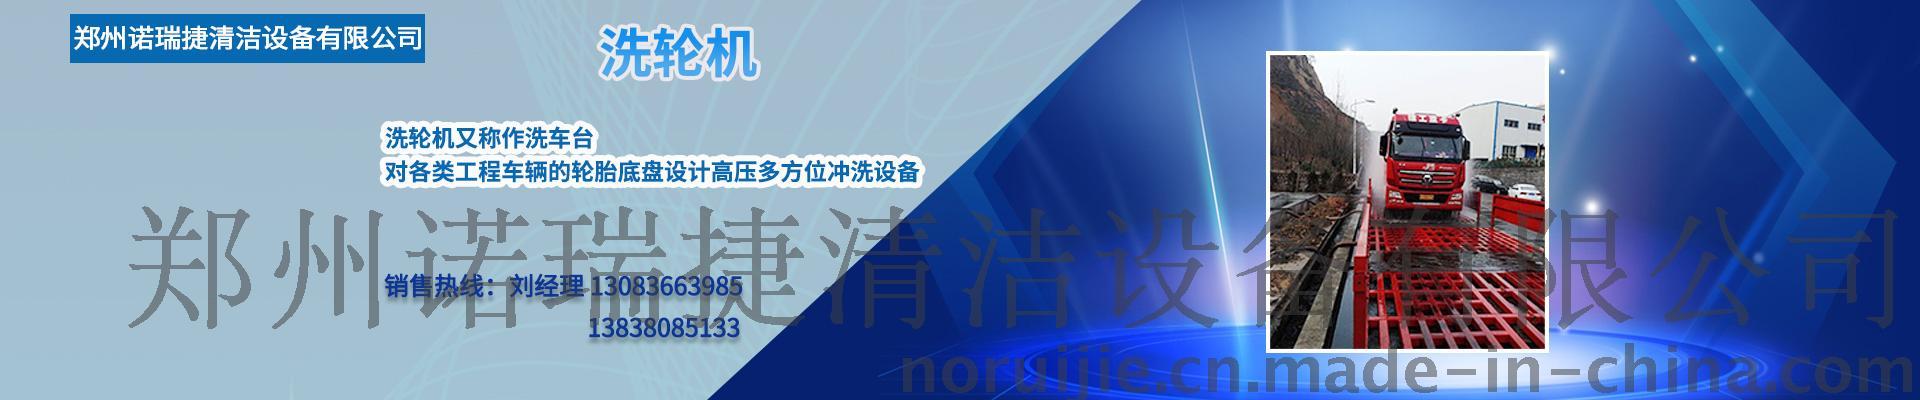 郑州诺瑞捷清洁设备有限公司